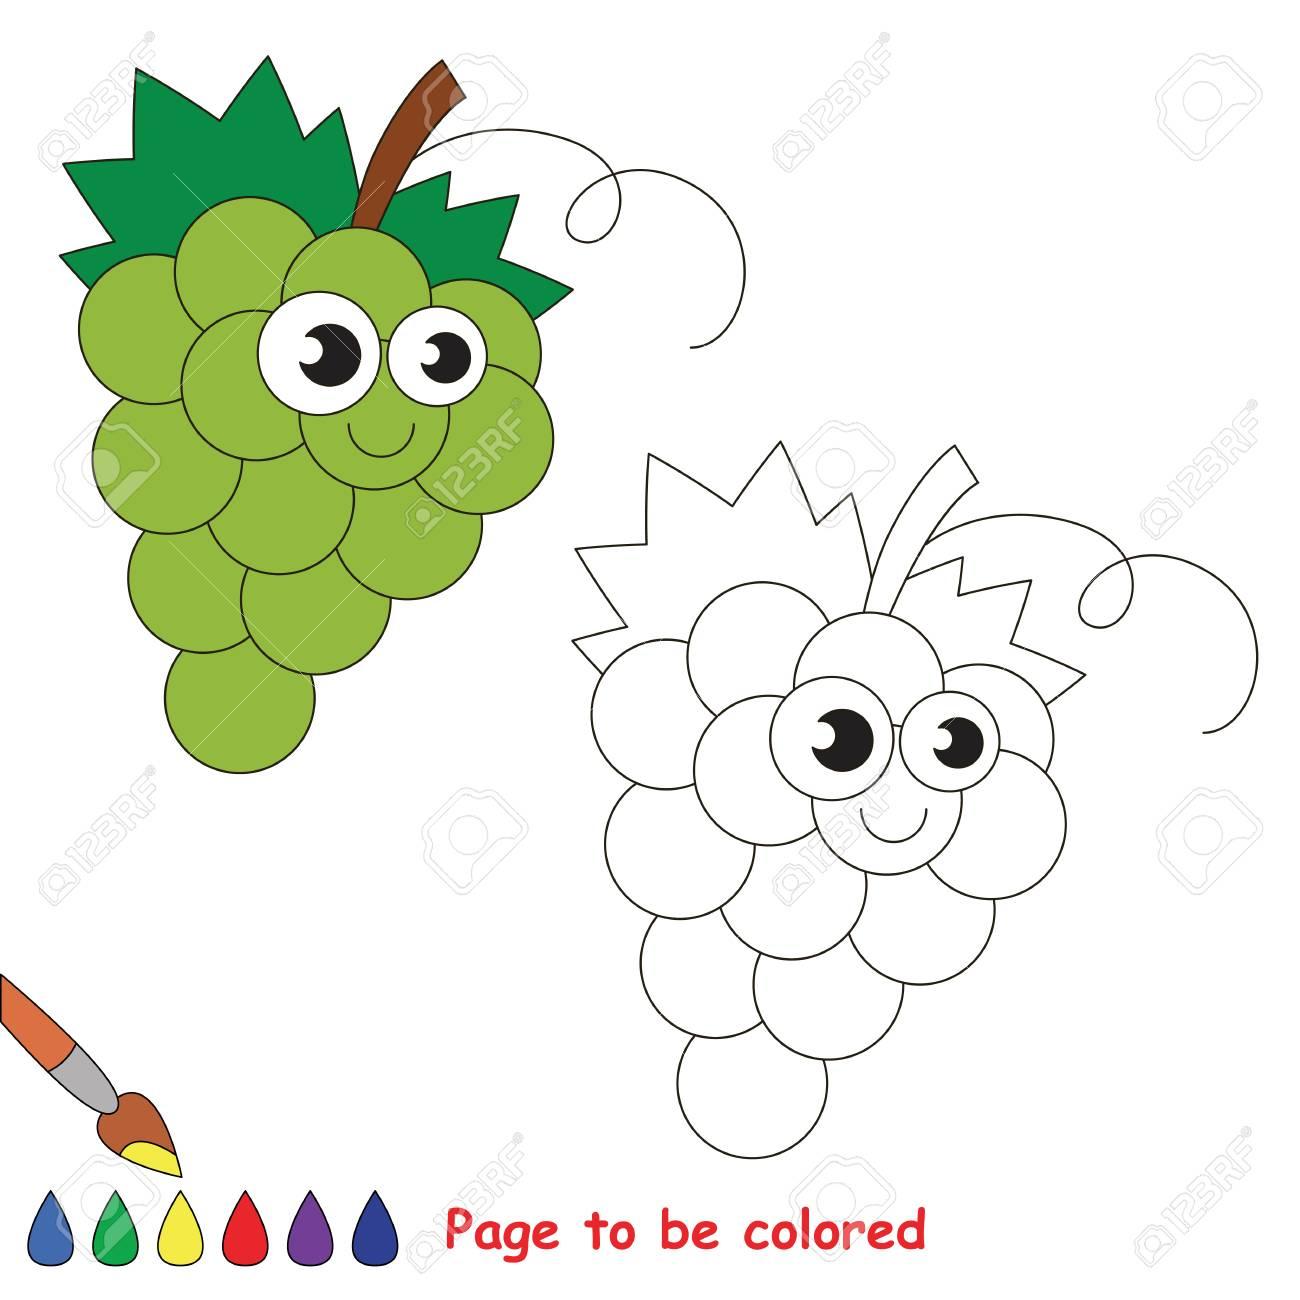 Raisins Blancs À Colorer. Livre À Colorier Pour Éduquer Les Enfants.  Apprendre Les Couleurs Jeu Éducatif Visuel. Jeu Facile Pour Les Enfants Et destiné Jeux Pour Apprendre Les Couleurs